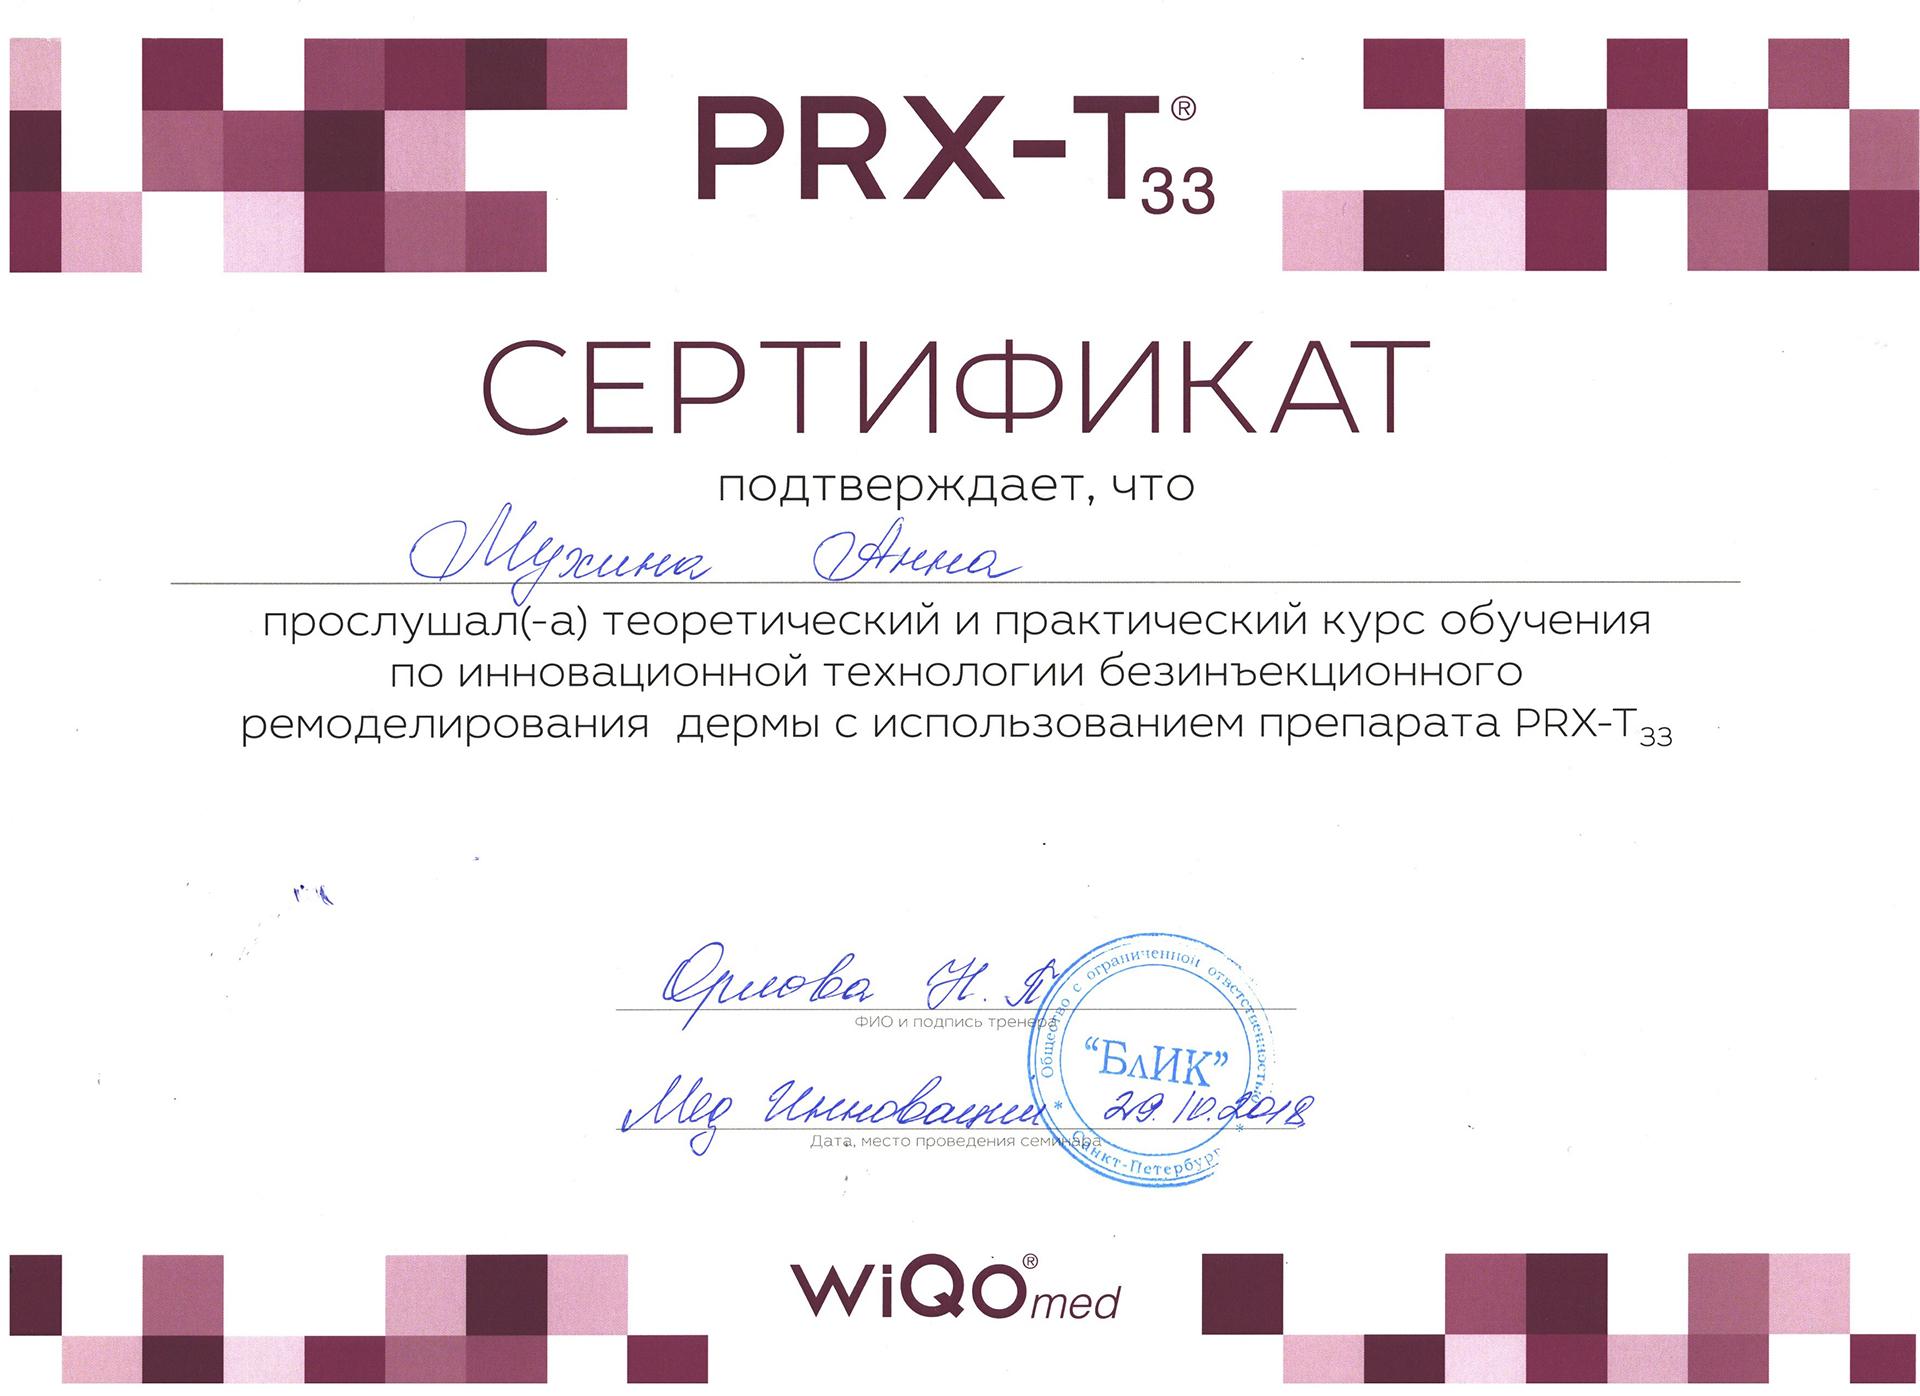 Сертификат — Применение препарата PRX-T. Мухина Анна Михайловна